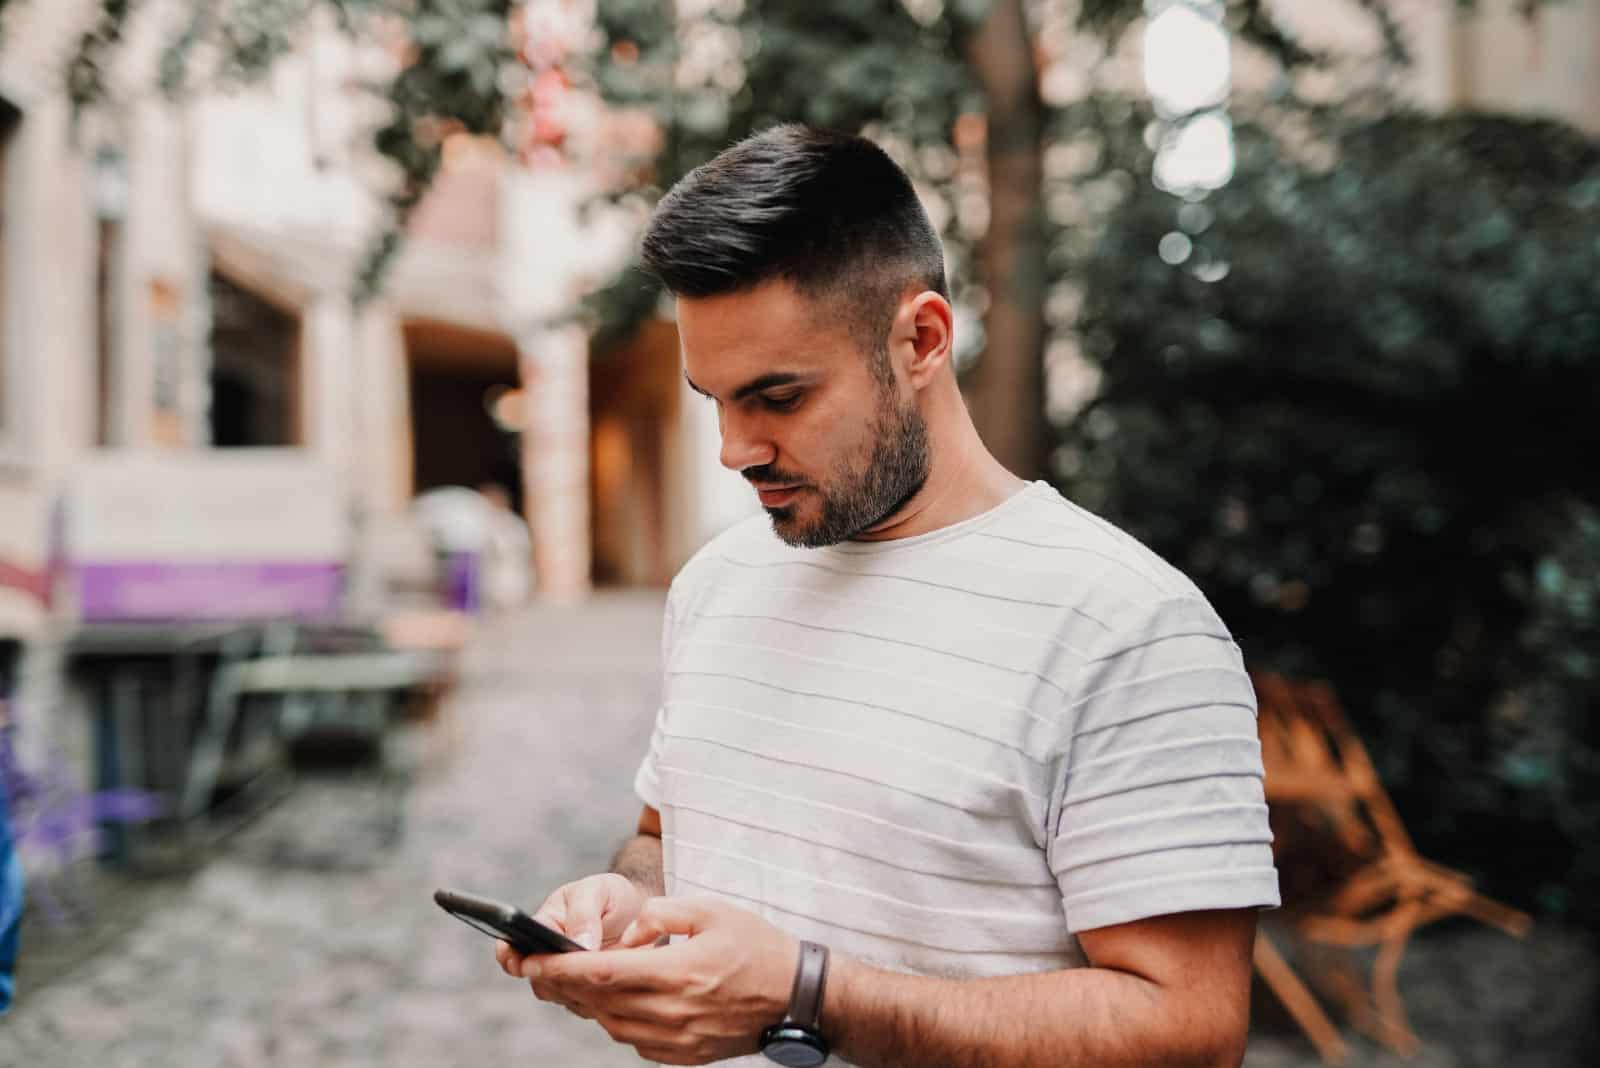 homme utilisant un smartphone en plein air